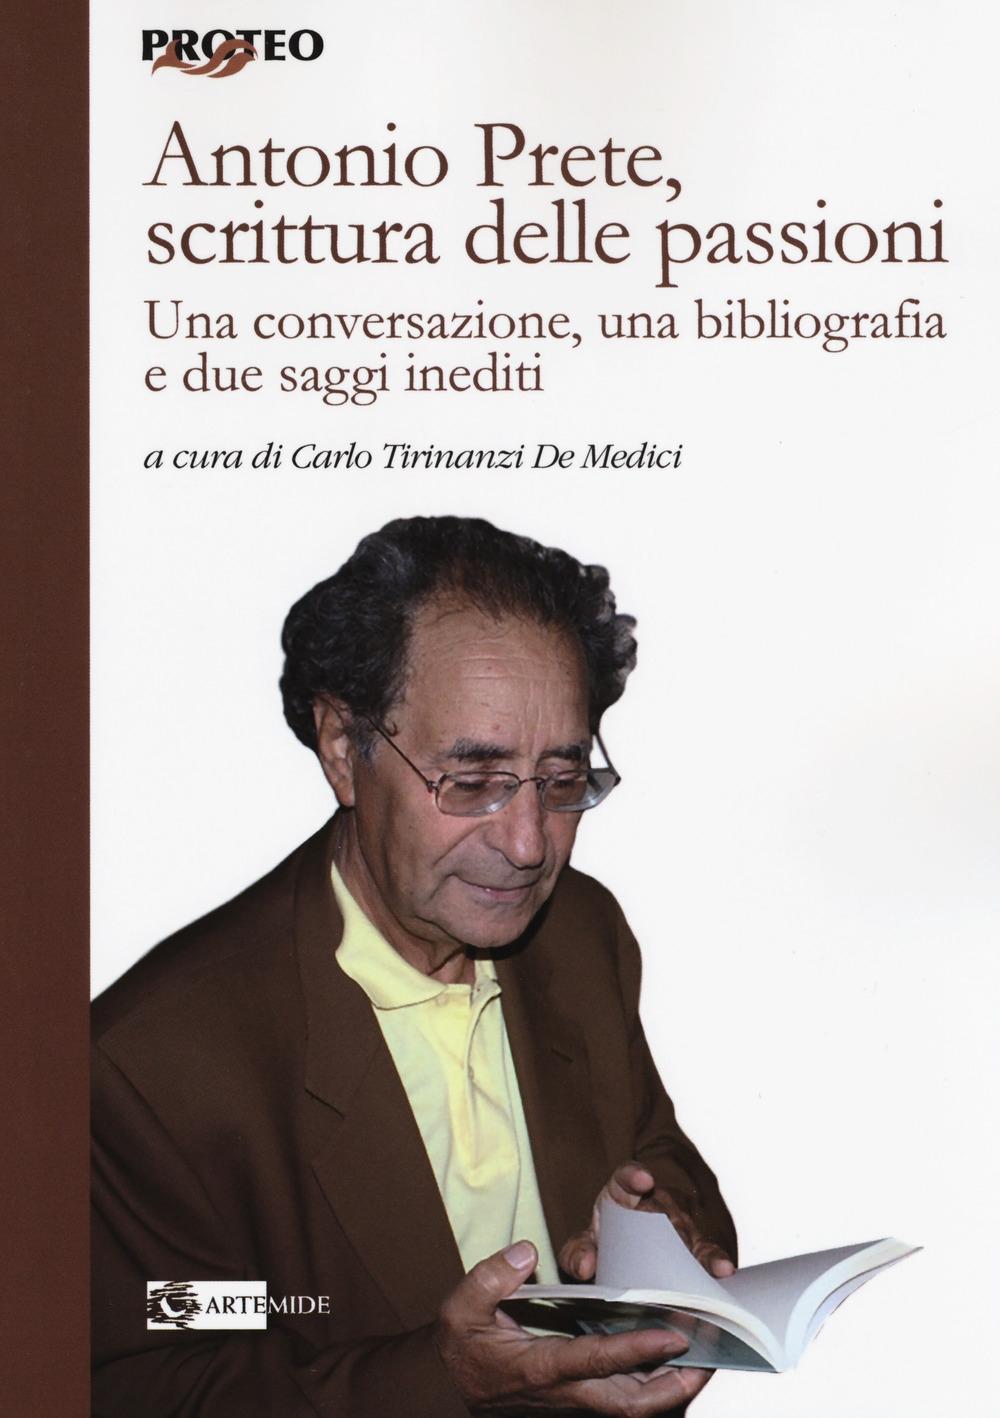 Antonio Prete, scrittura delle passioni. Una conversazione, una bibliografia e due saggi inediti